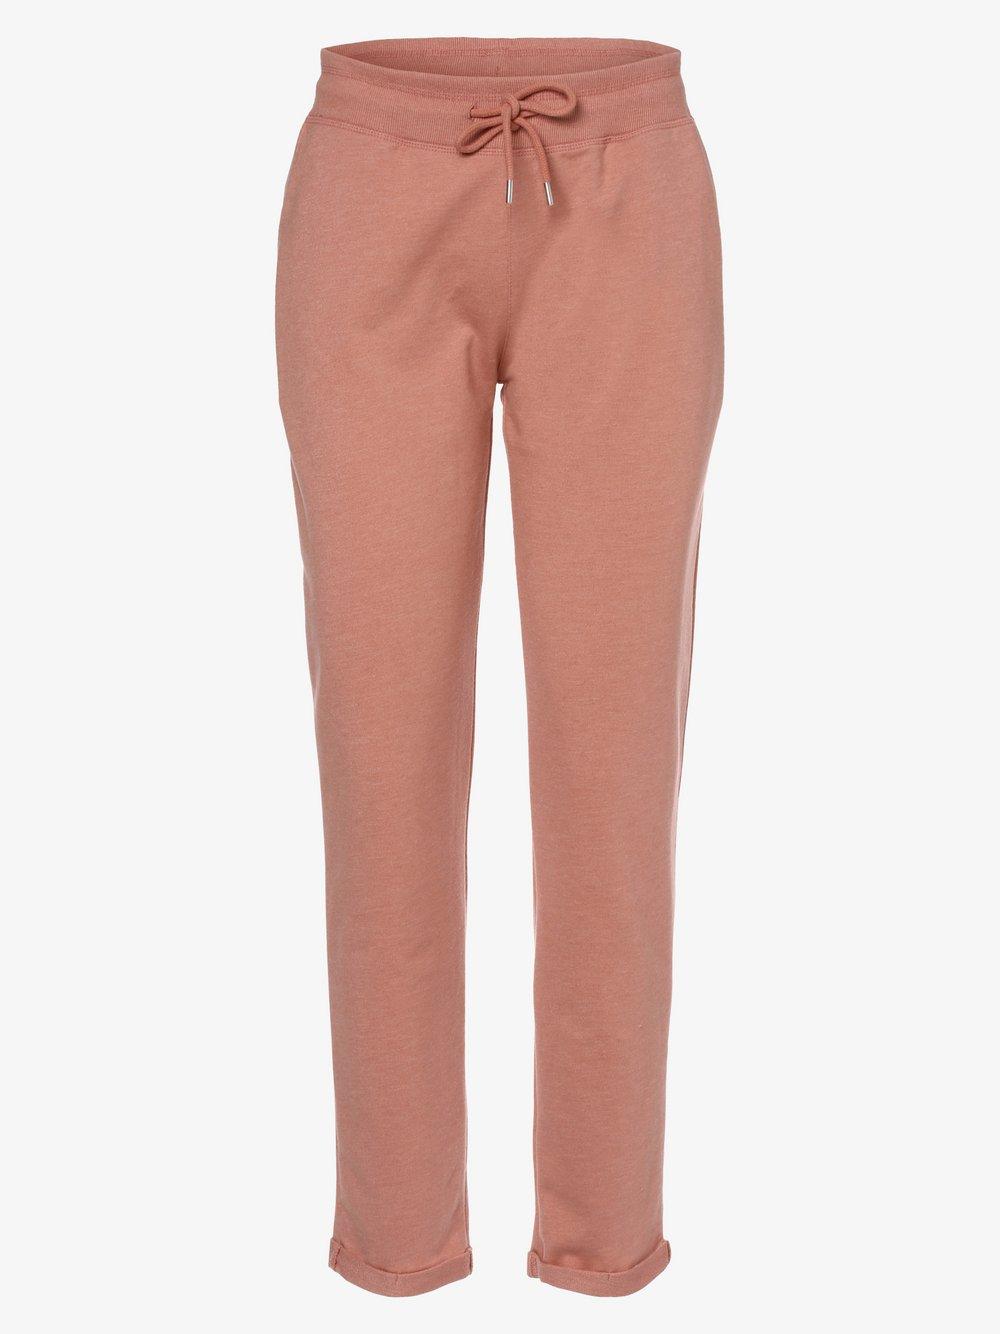 Marie Lund - Damskie spodnie dresowe, różowy